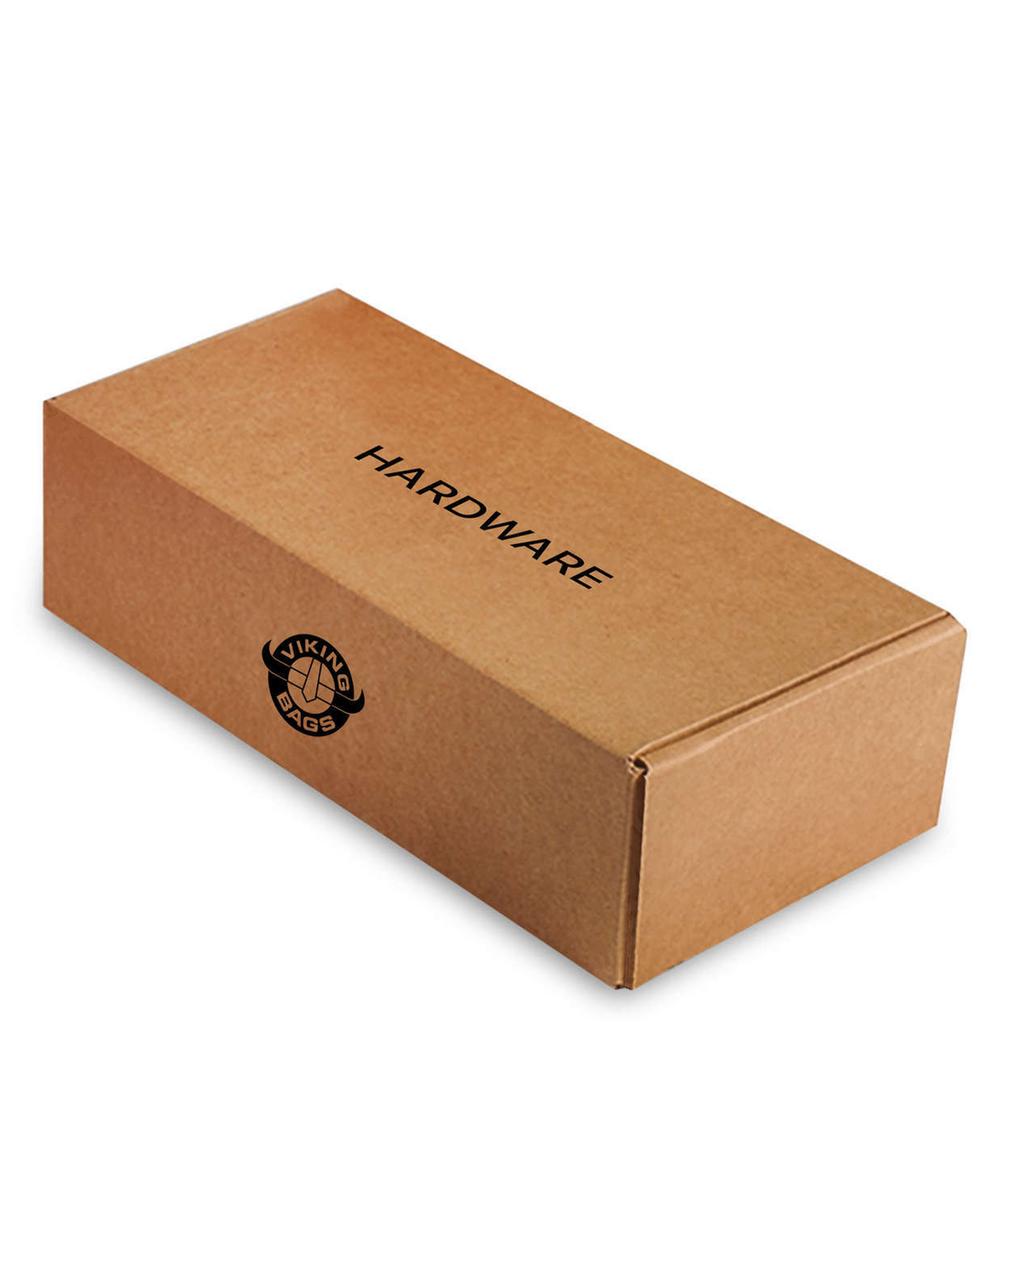 Triumph Thunderbird Slanted Medium Motorcycle Saddlebags Box